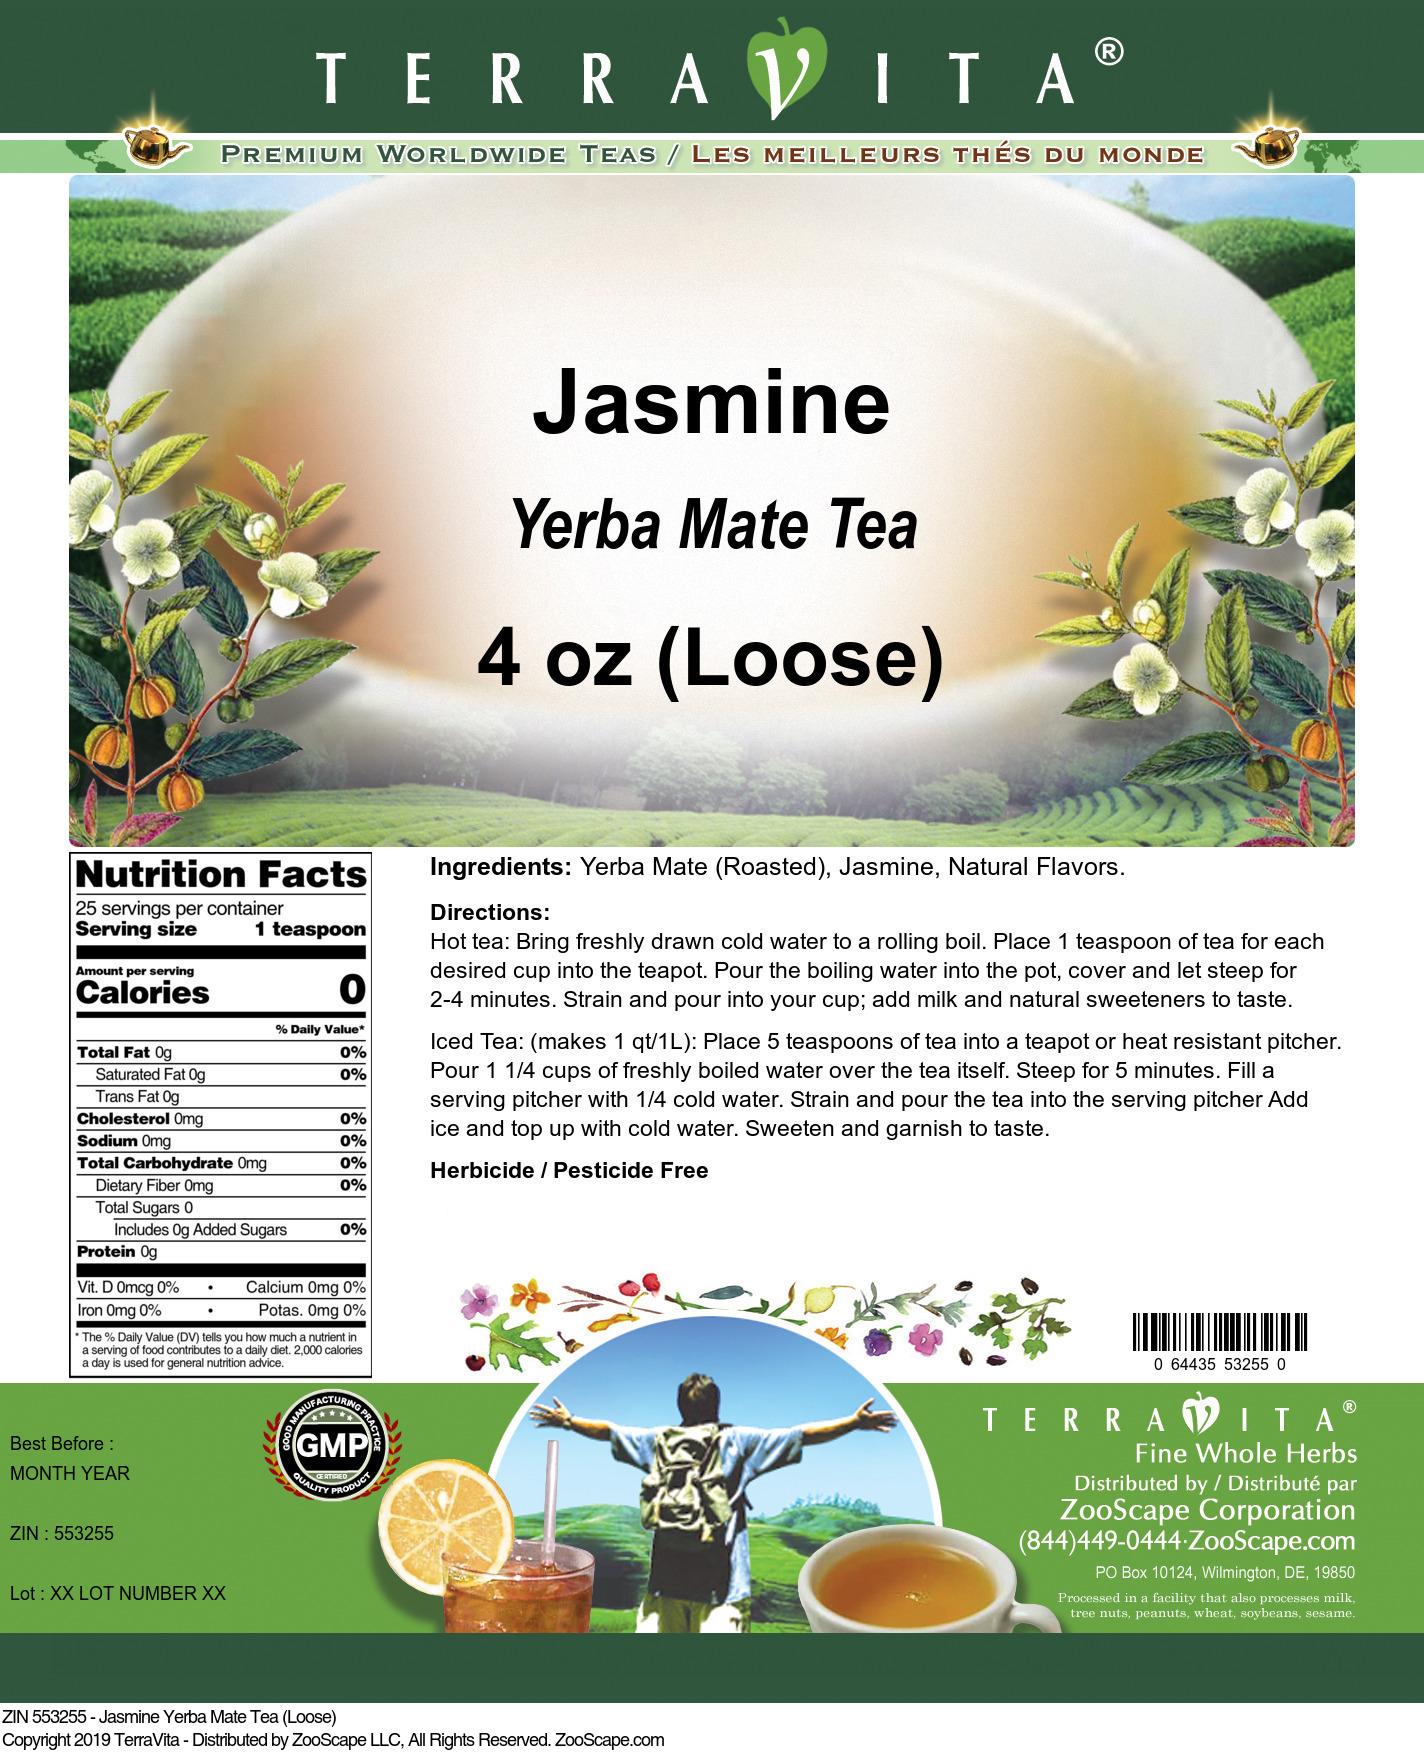 Jasmine Yerba Mate Tea (Loose)